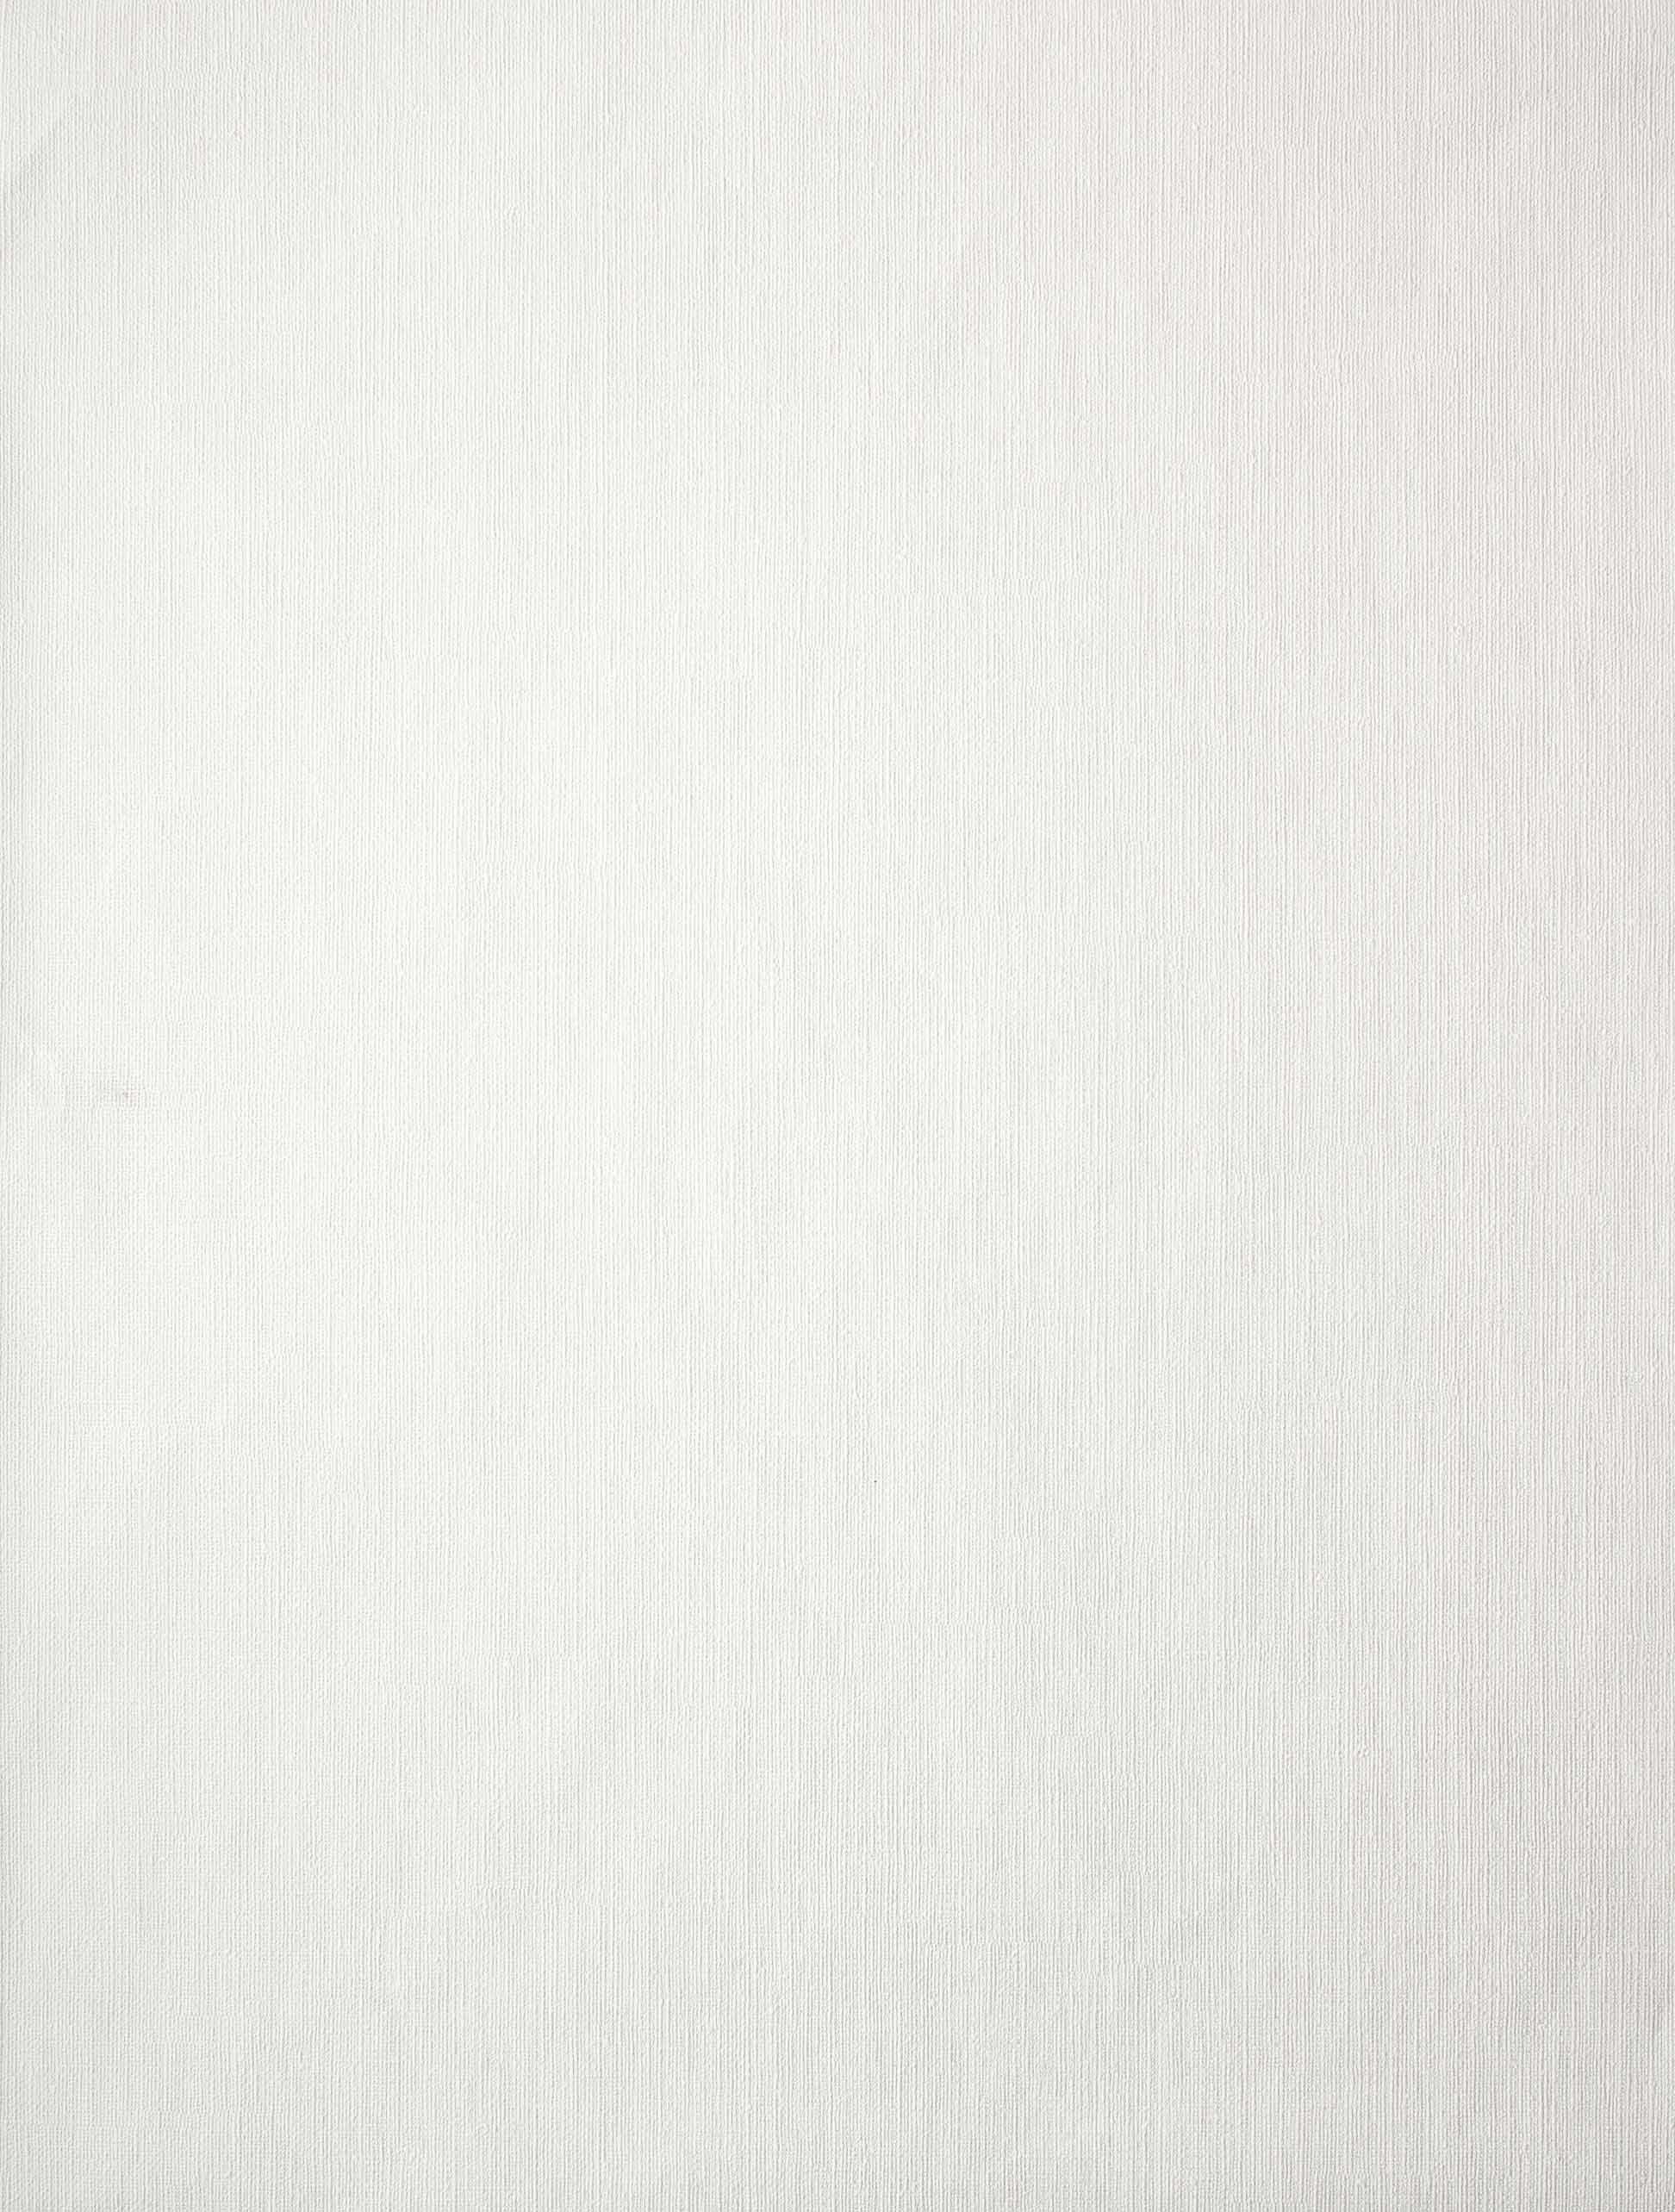 Bedroom Wallpaper Texture